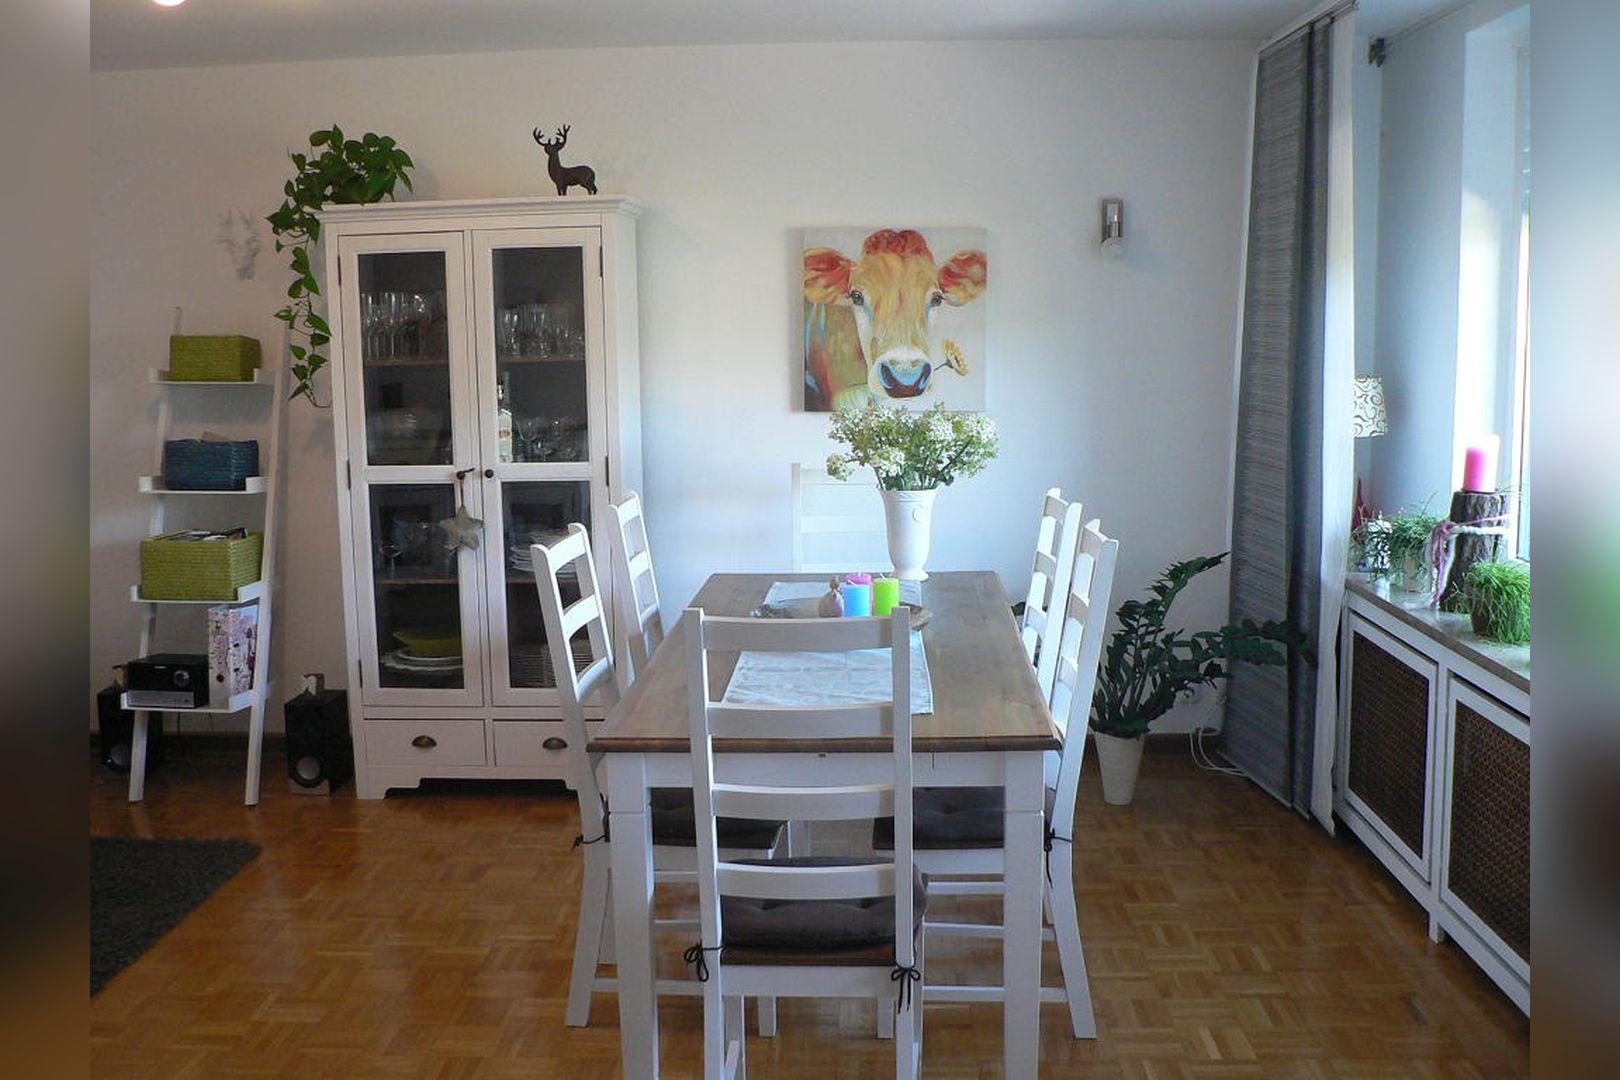 Immobilie Nr.305 | Berliner Straße 28, 40668 Meerbusch - Lank